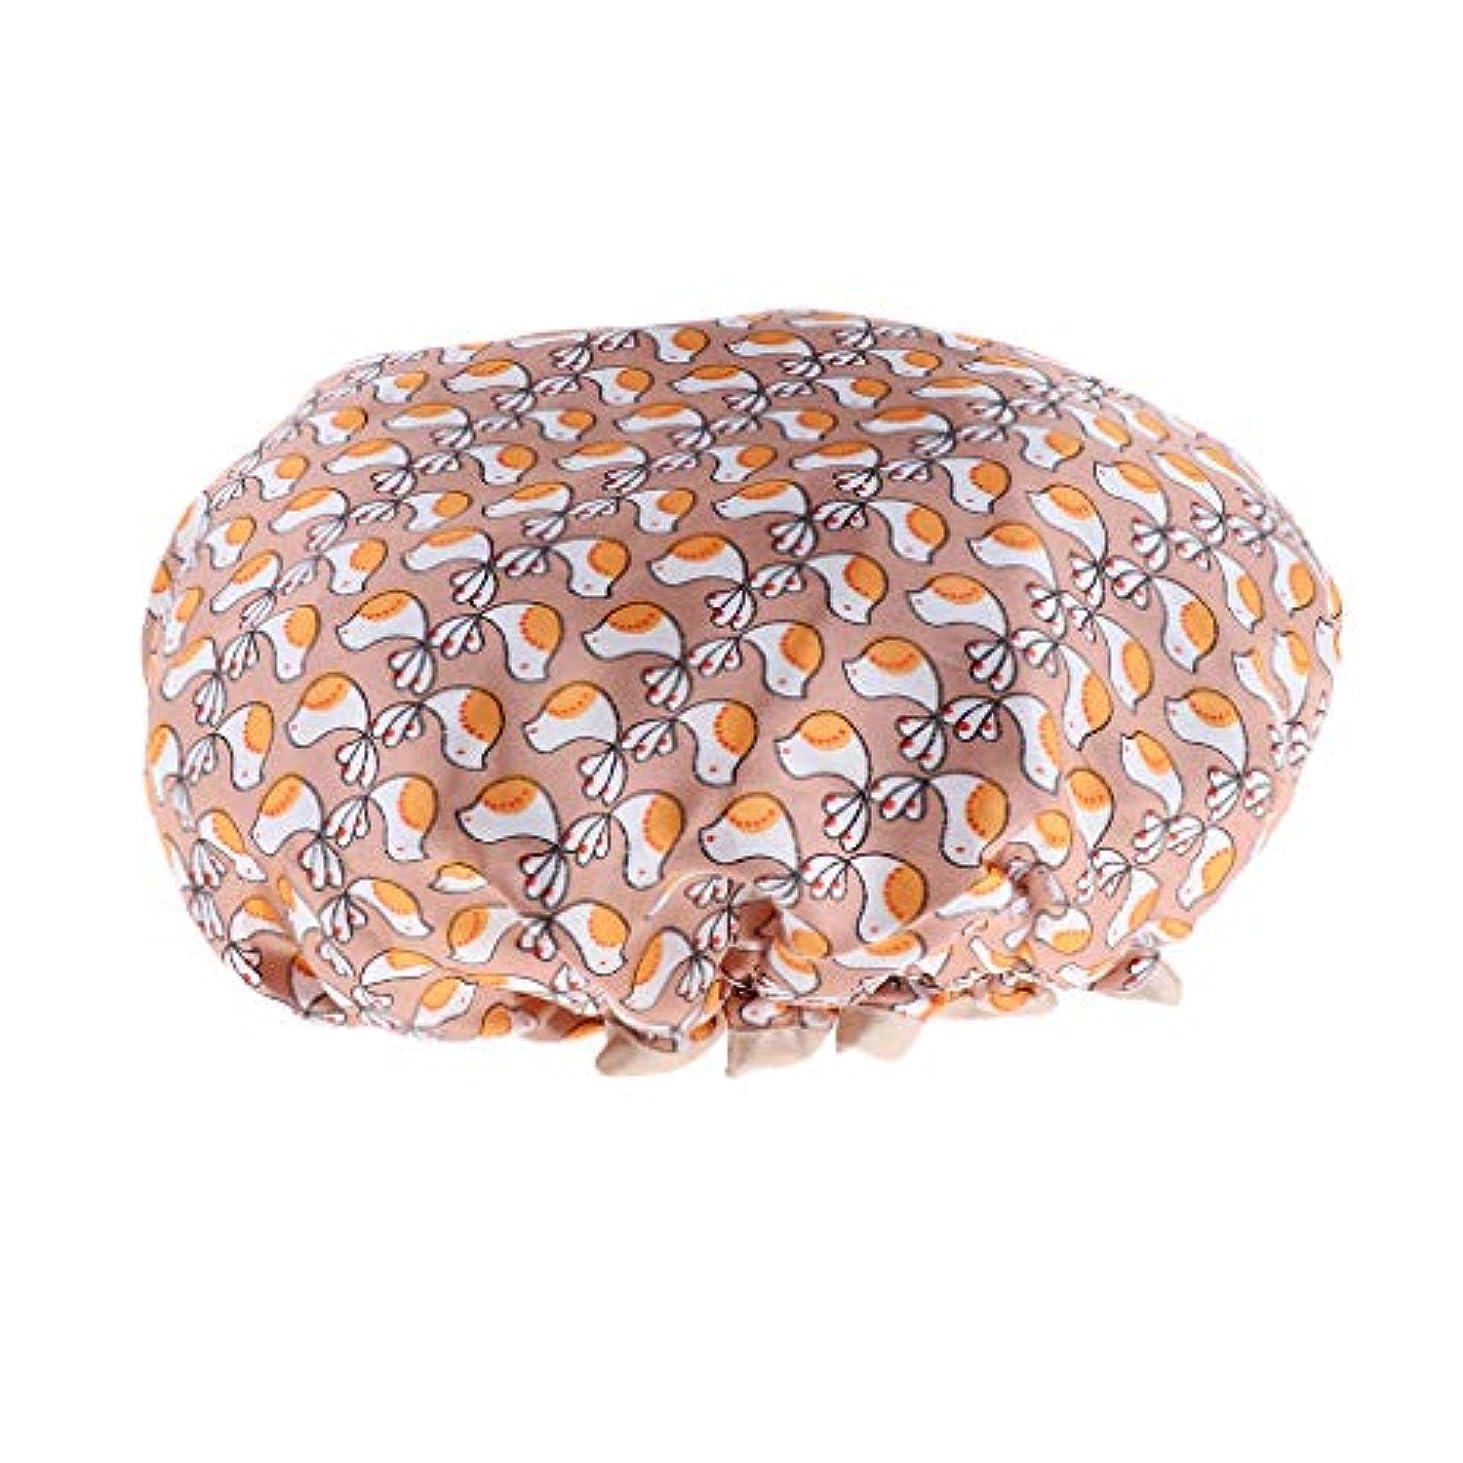 D DOLITY シャワーキャップ ヘアキャップ 帽子 女性用 入浴 バス用品 二重層 防水 全3色 - ゴールド